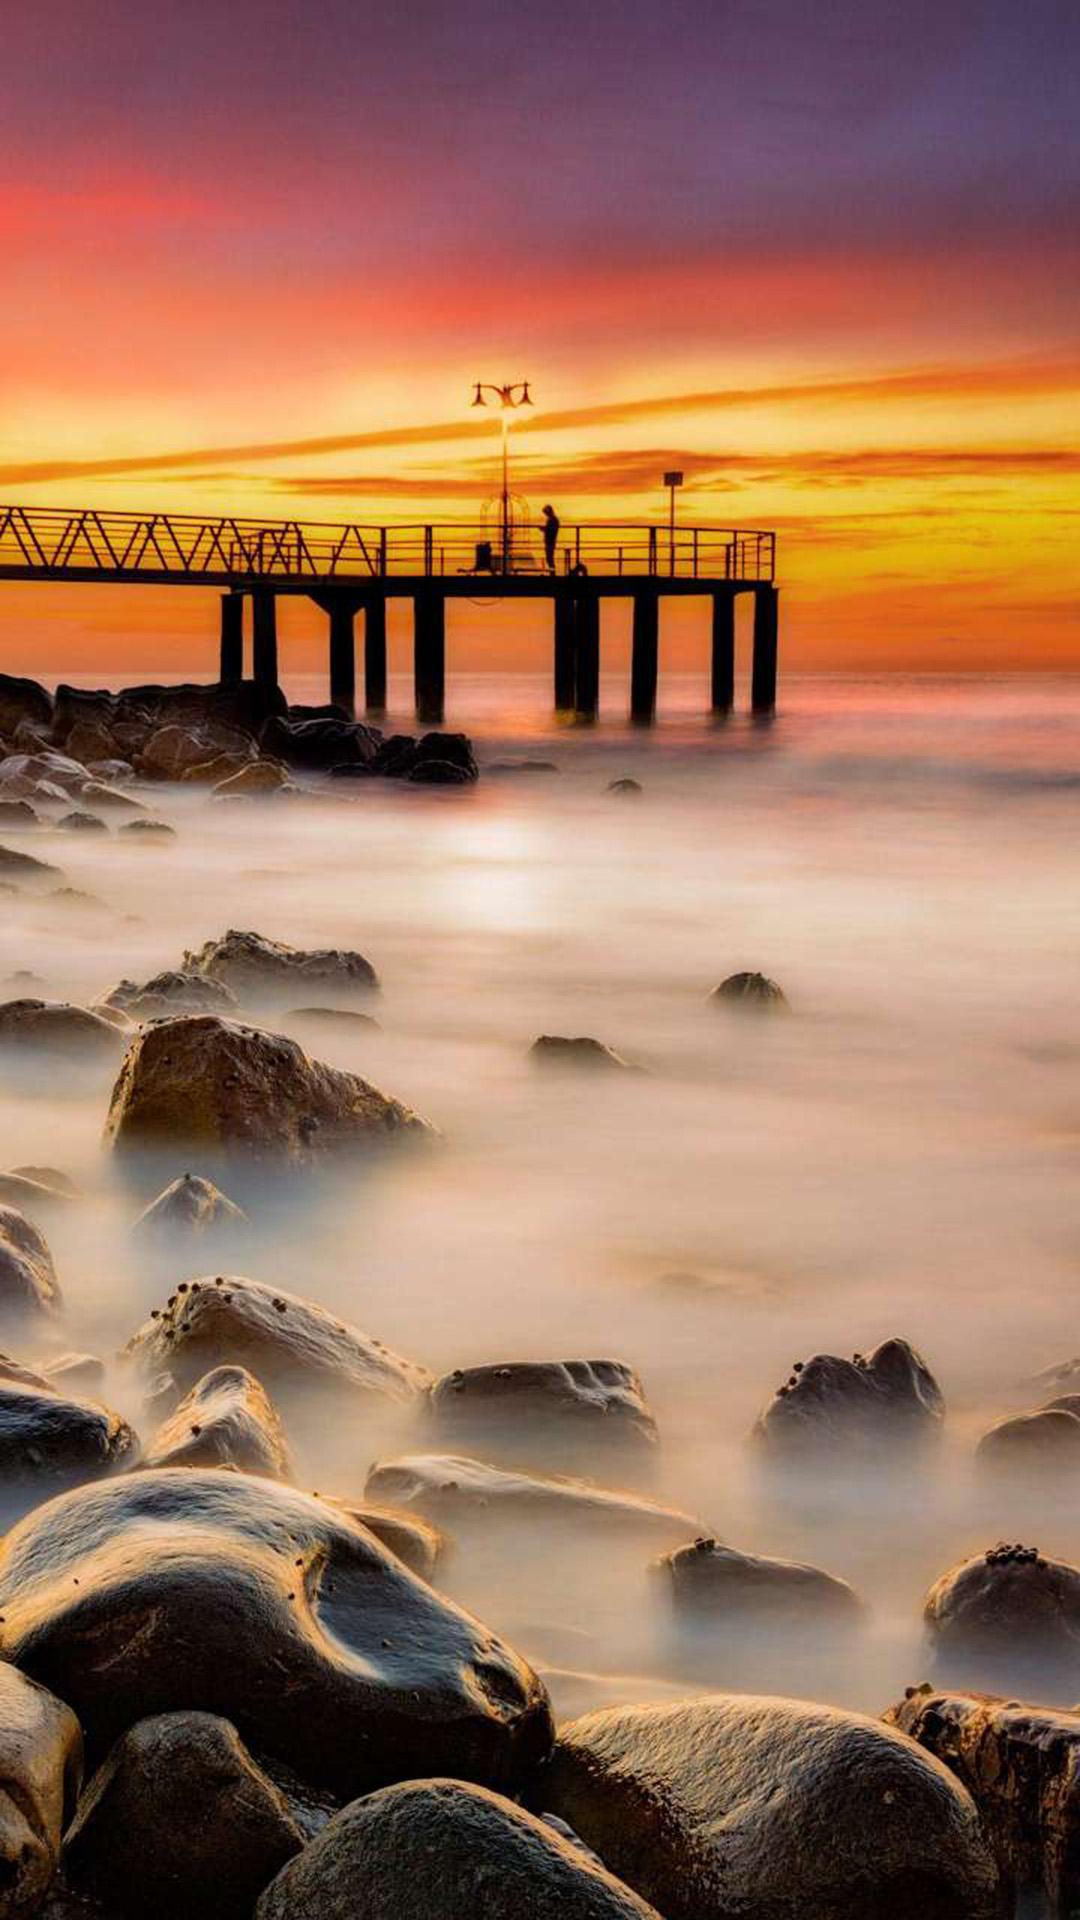 【壁纸分享】唯美海边风景